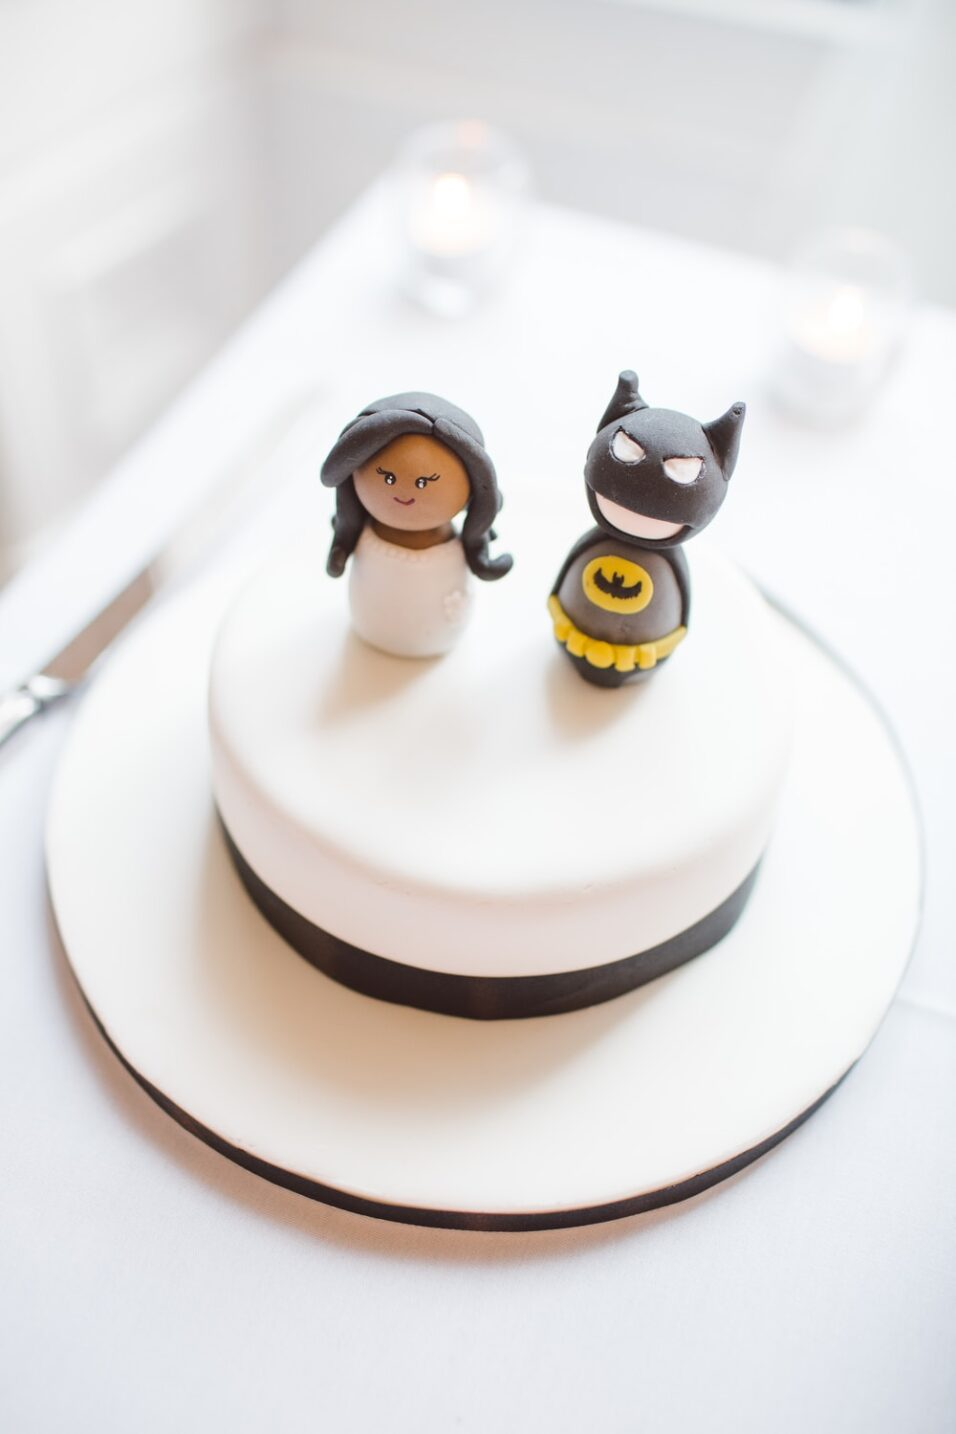 Batman cake topping